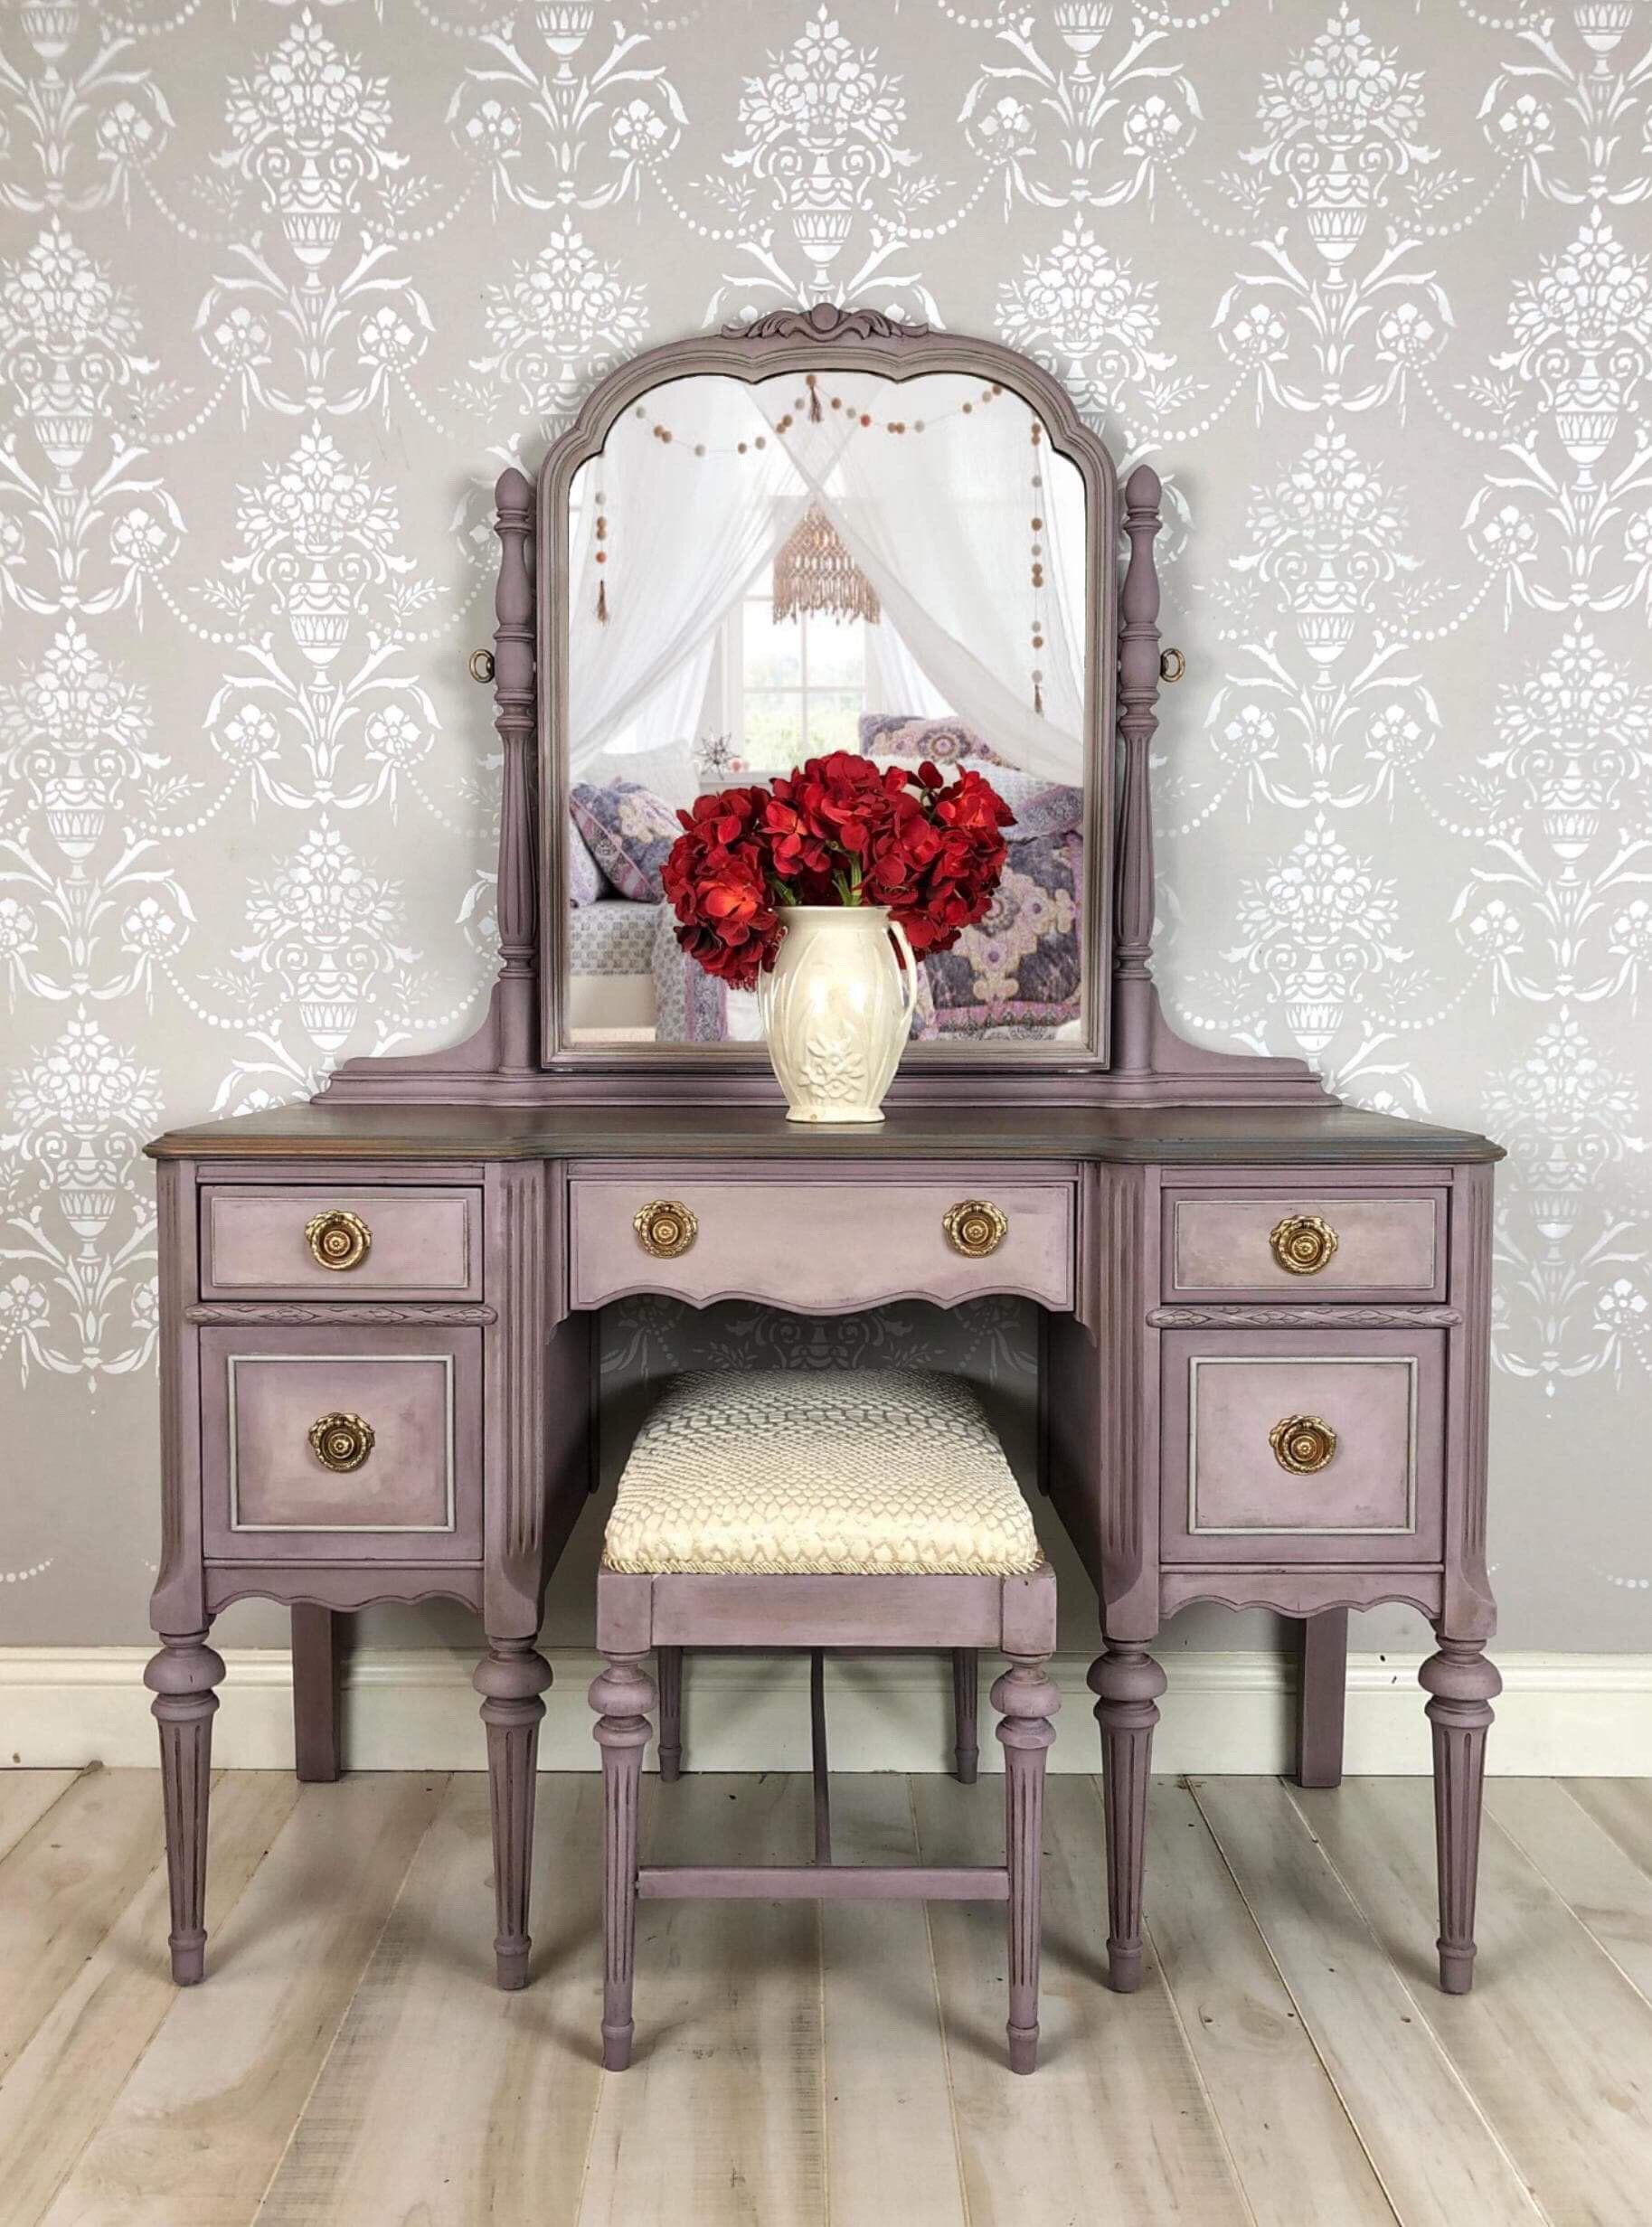 Painted Furniture Makeup Vintage Vanity Table Mirror in